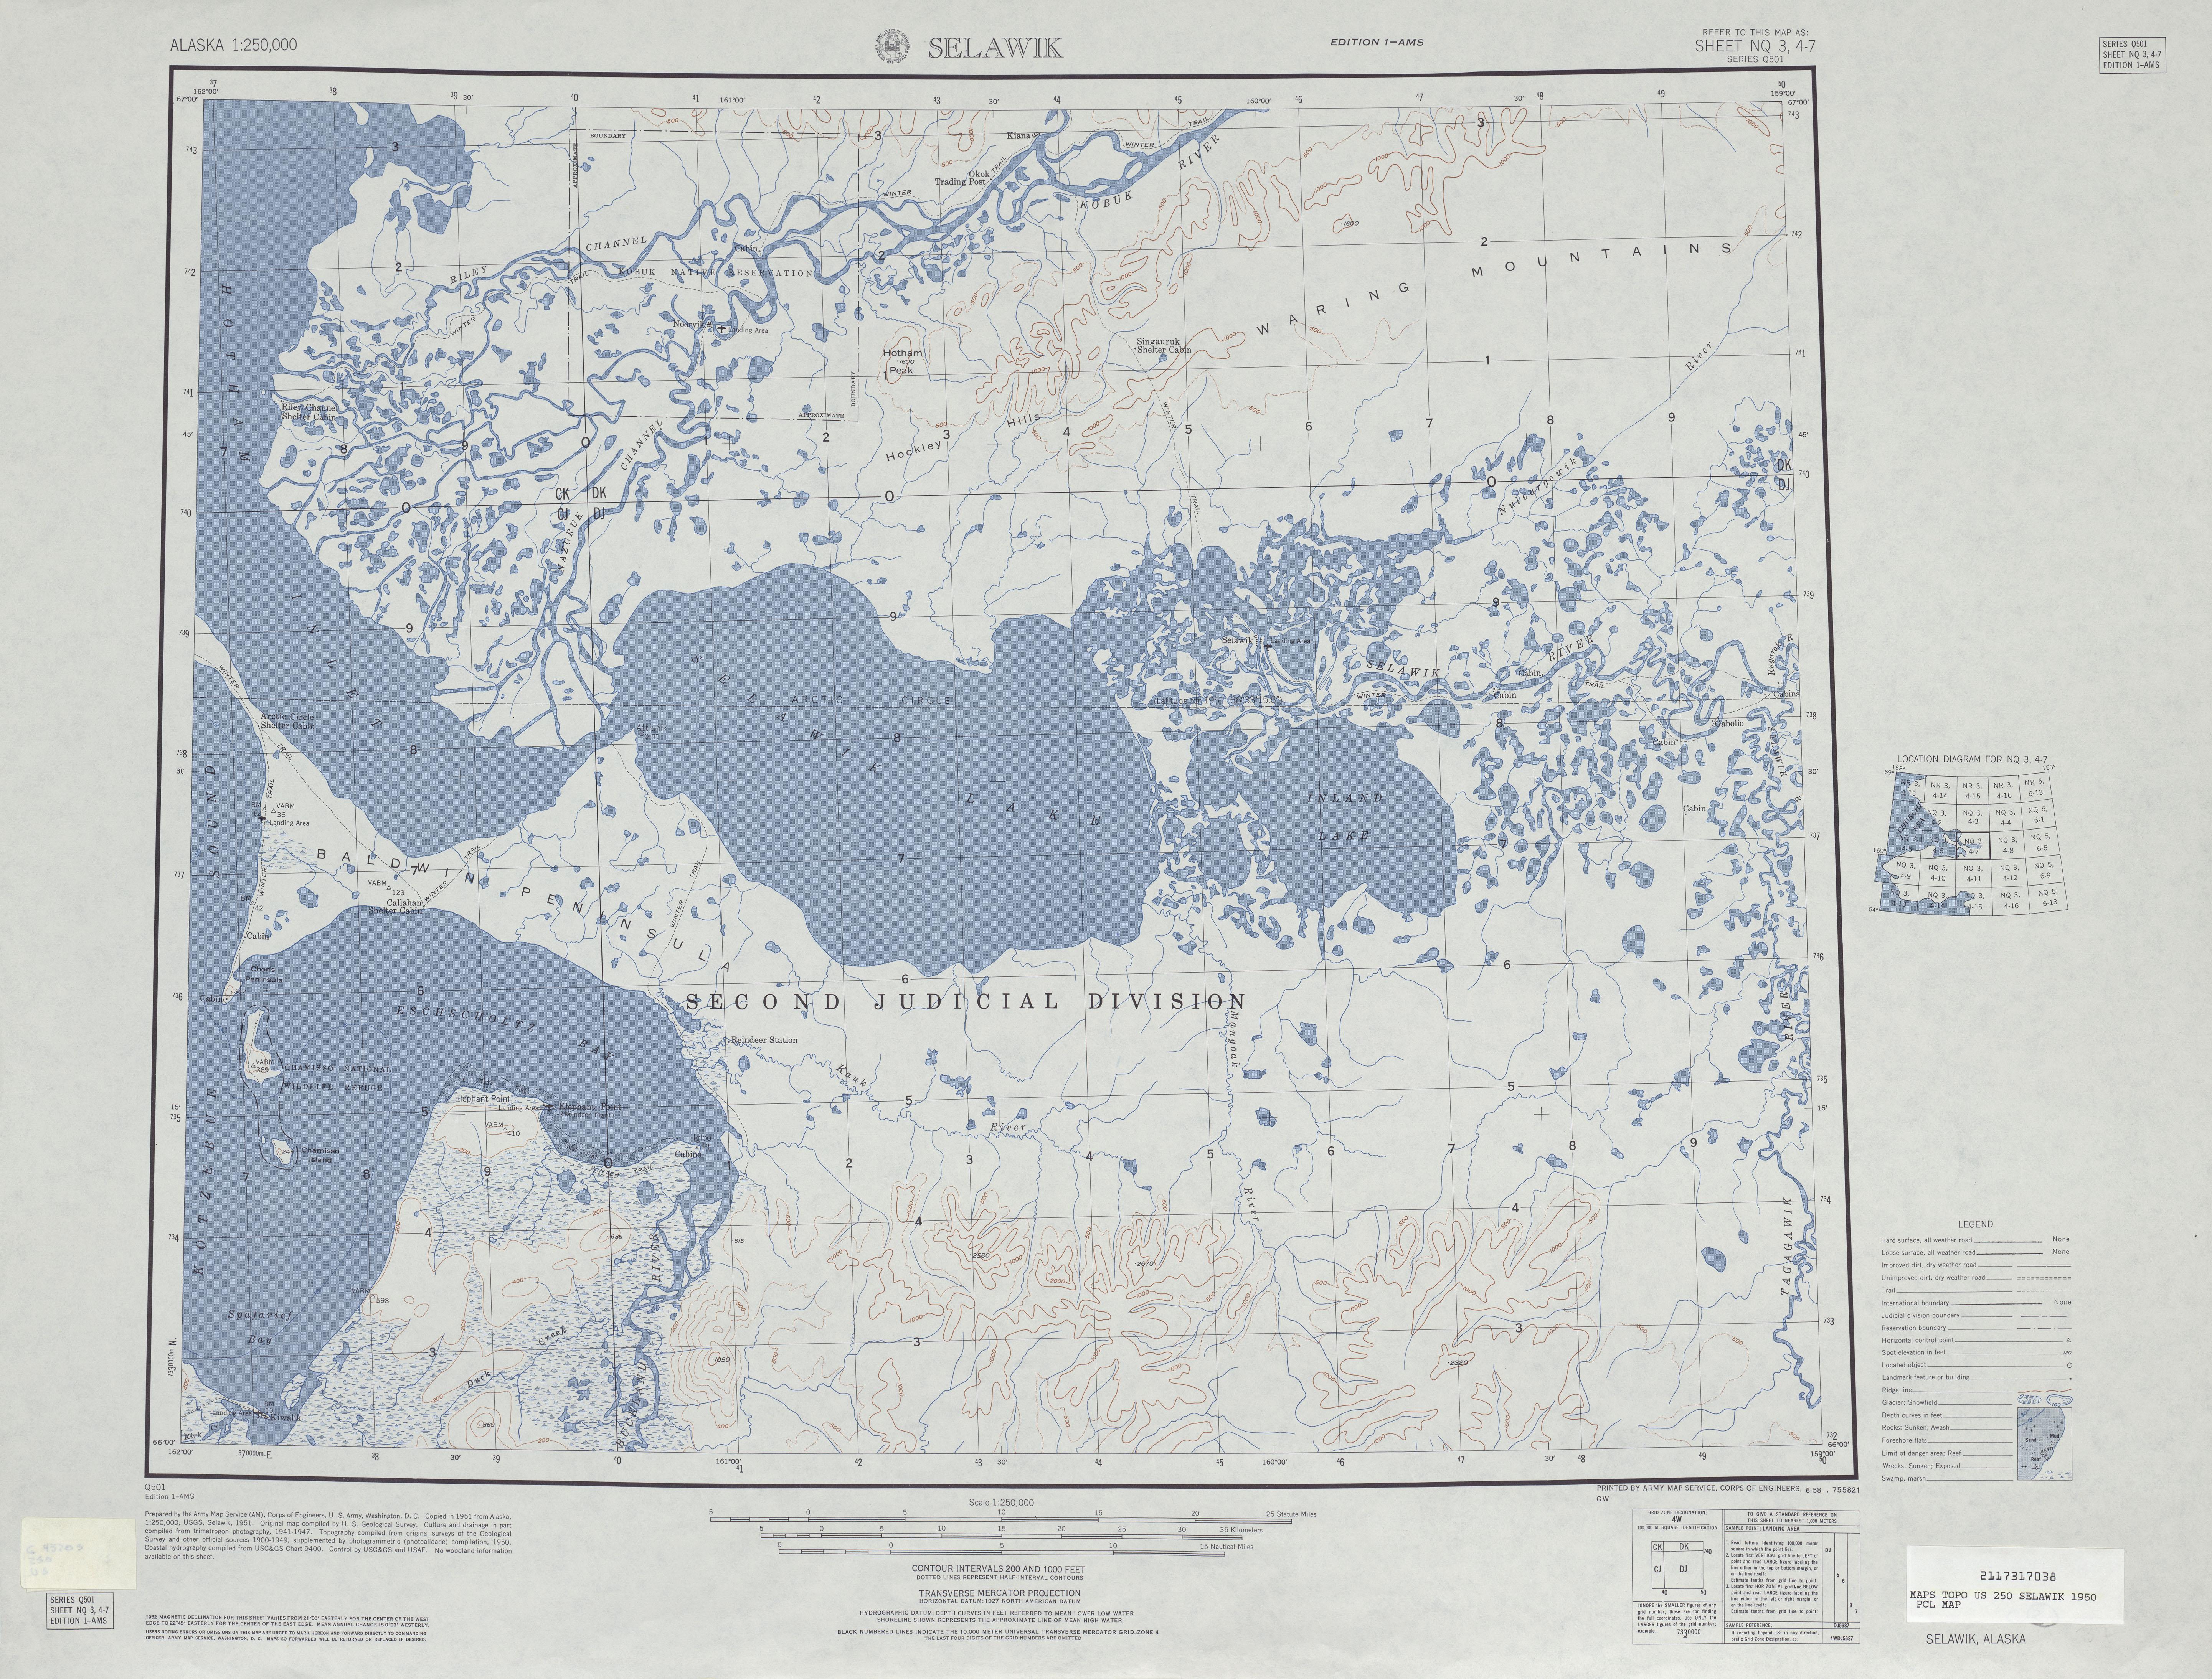 Hoja Selawik del Mapa Topográfico de los Estados Unidos 1950